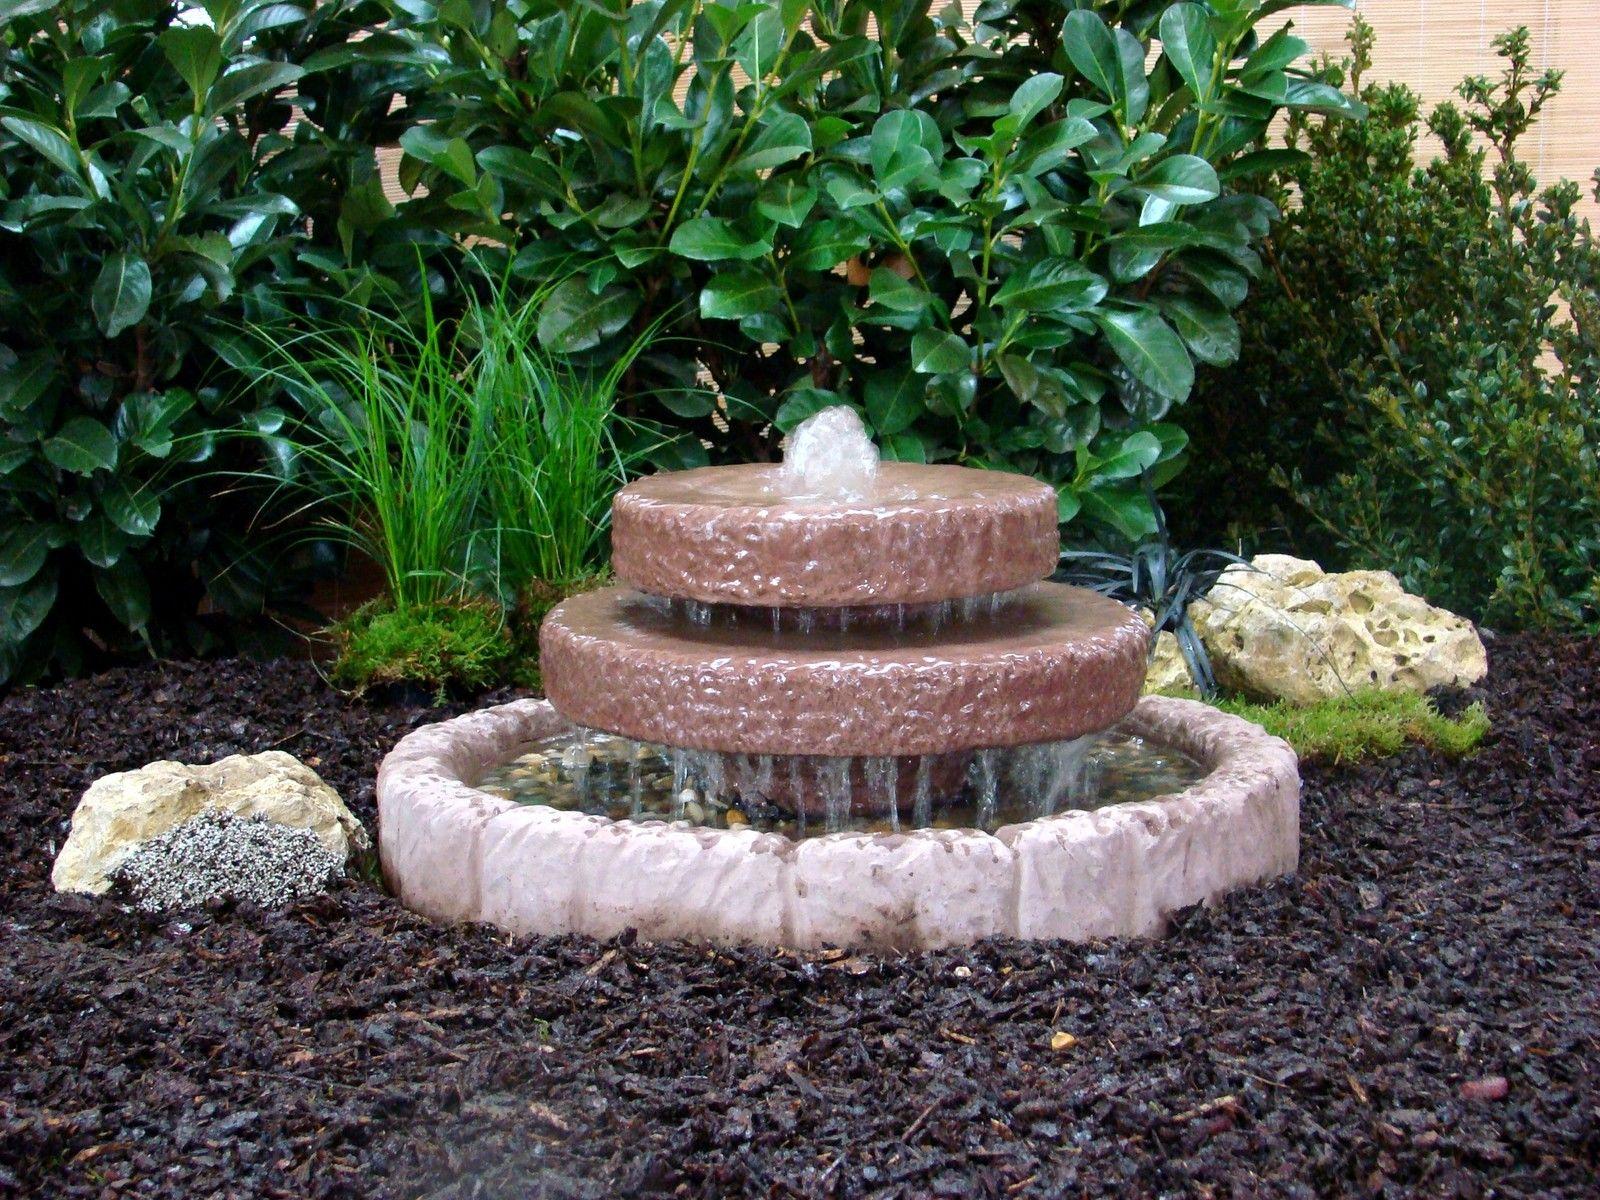 Kaskadenbrunnen Springbrunnen Brunnen Wasserspiel Werksand- Stein 43kg + Pumpe